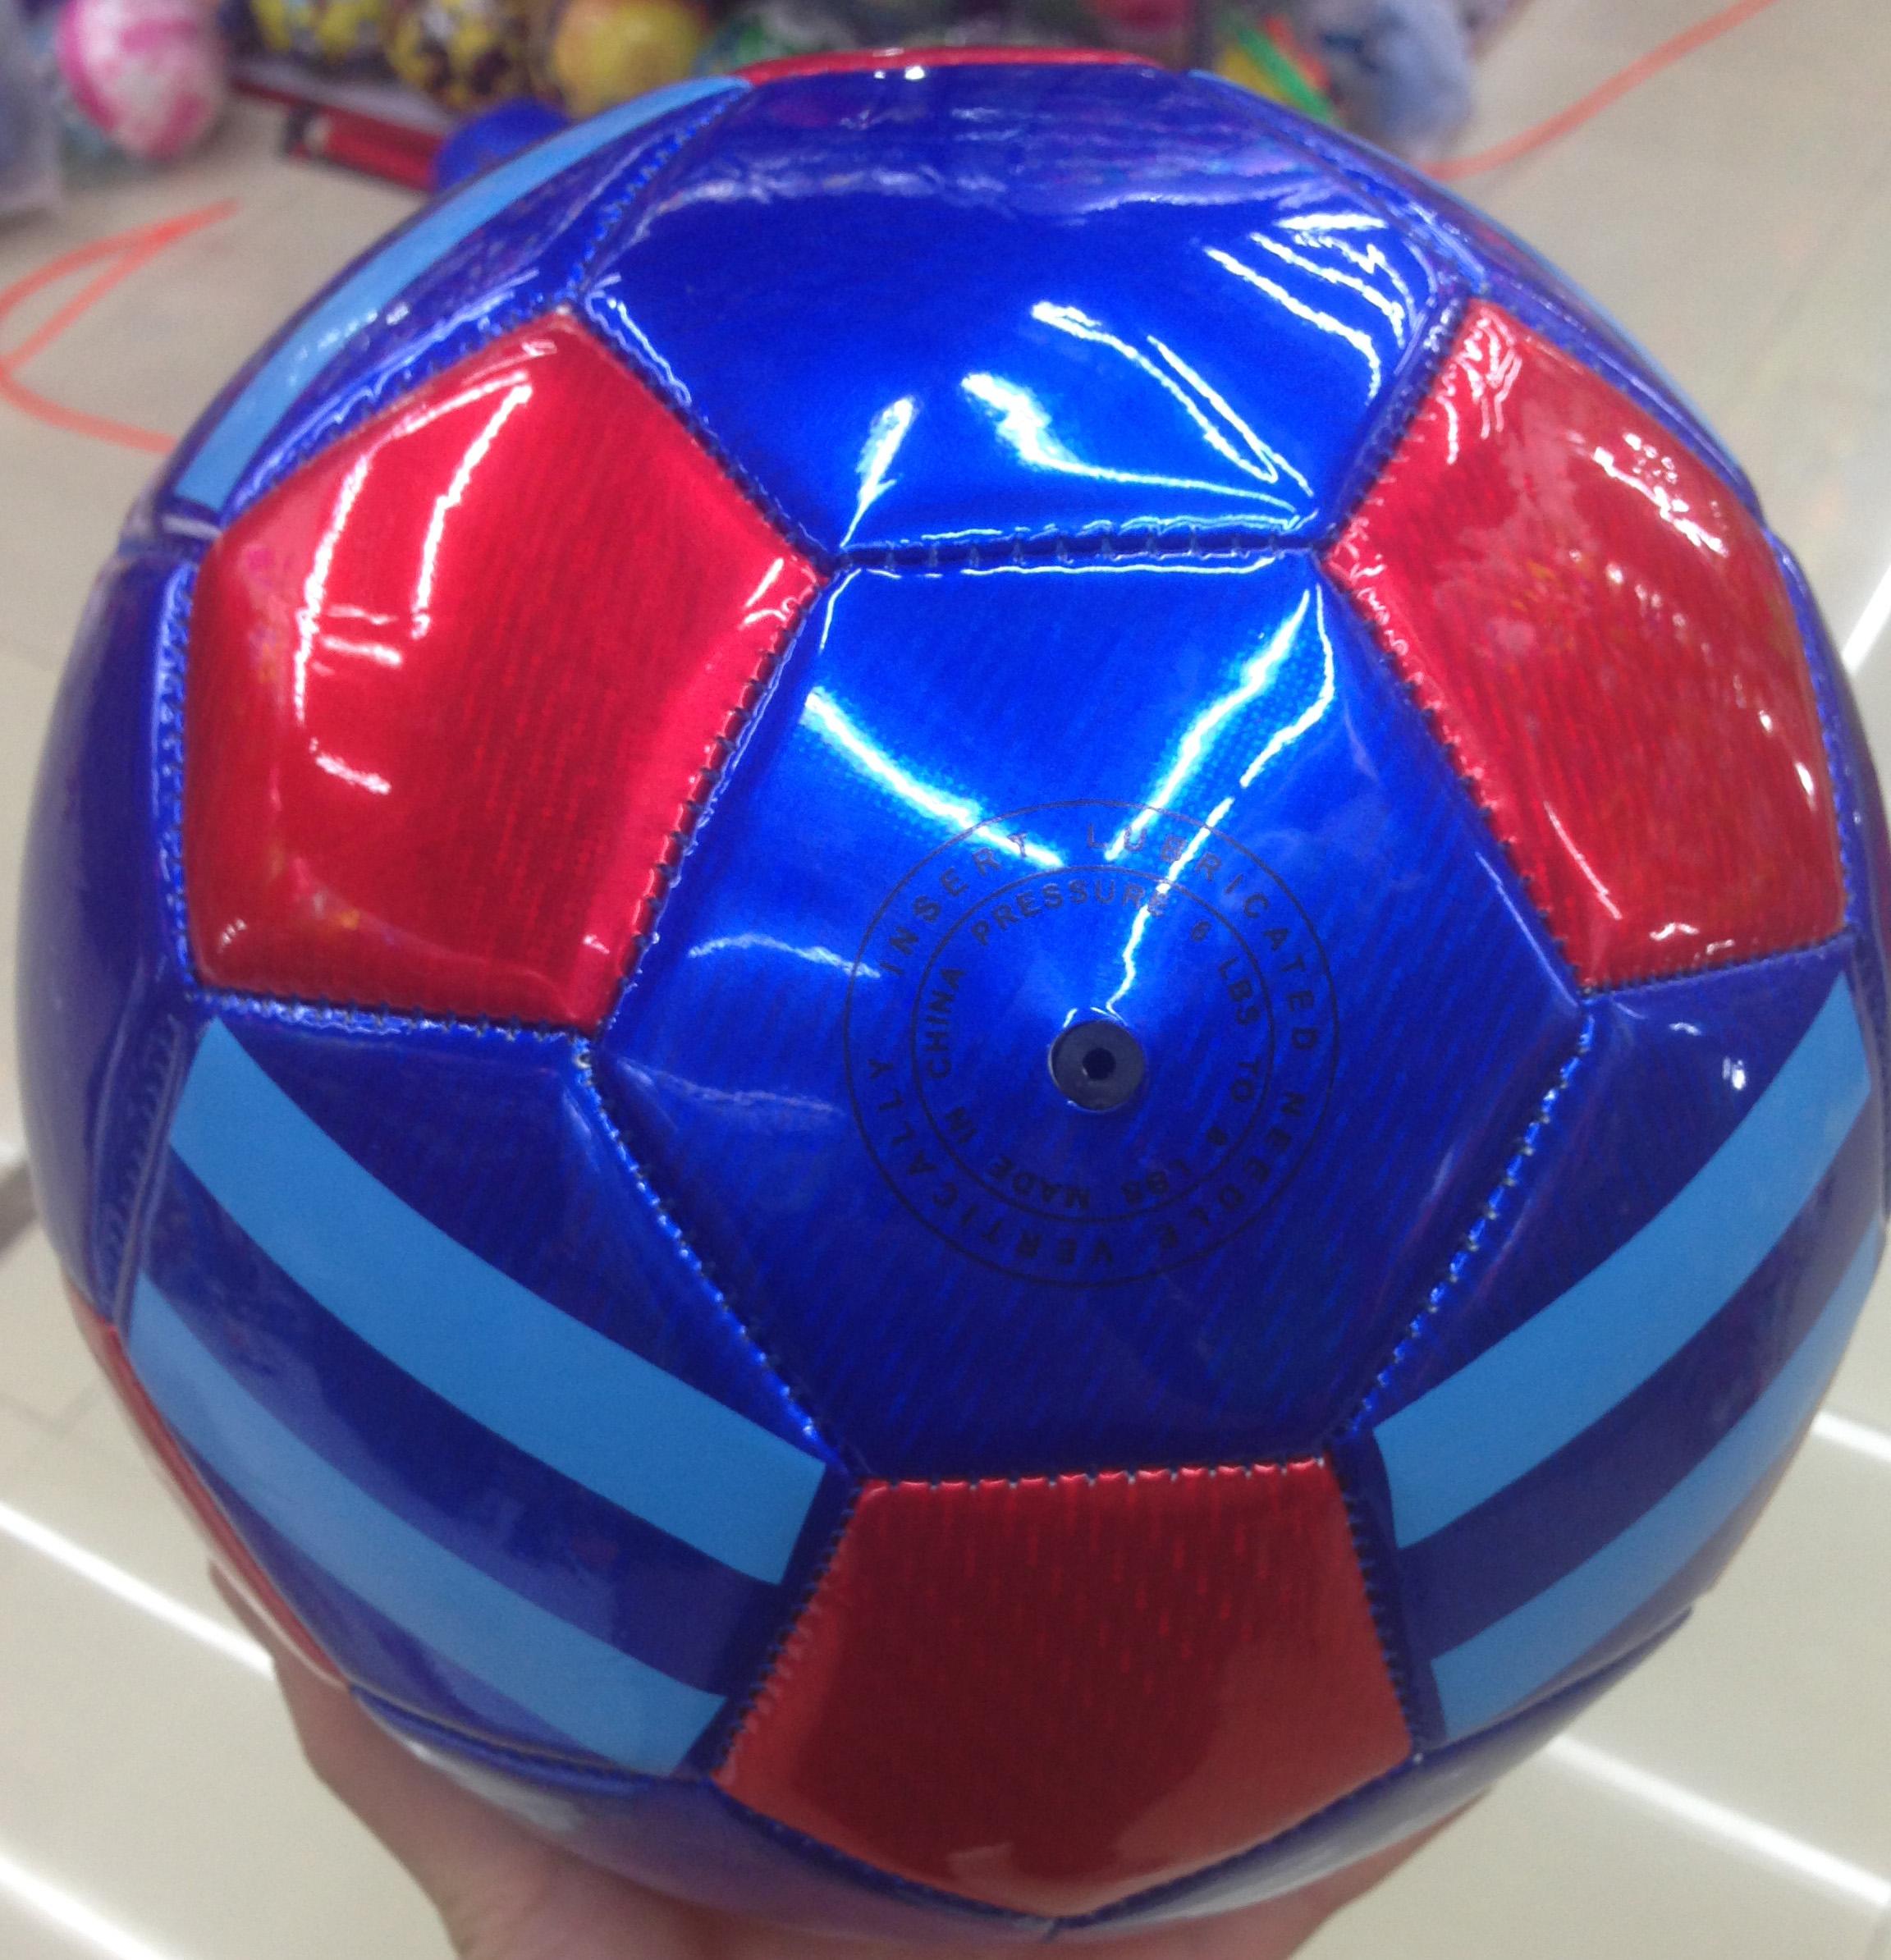 【足球】最新亮纹足球 接受订购